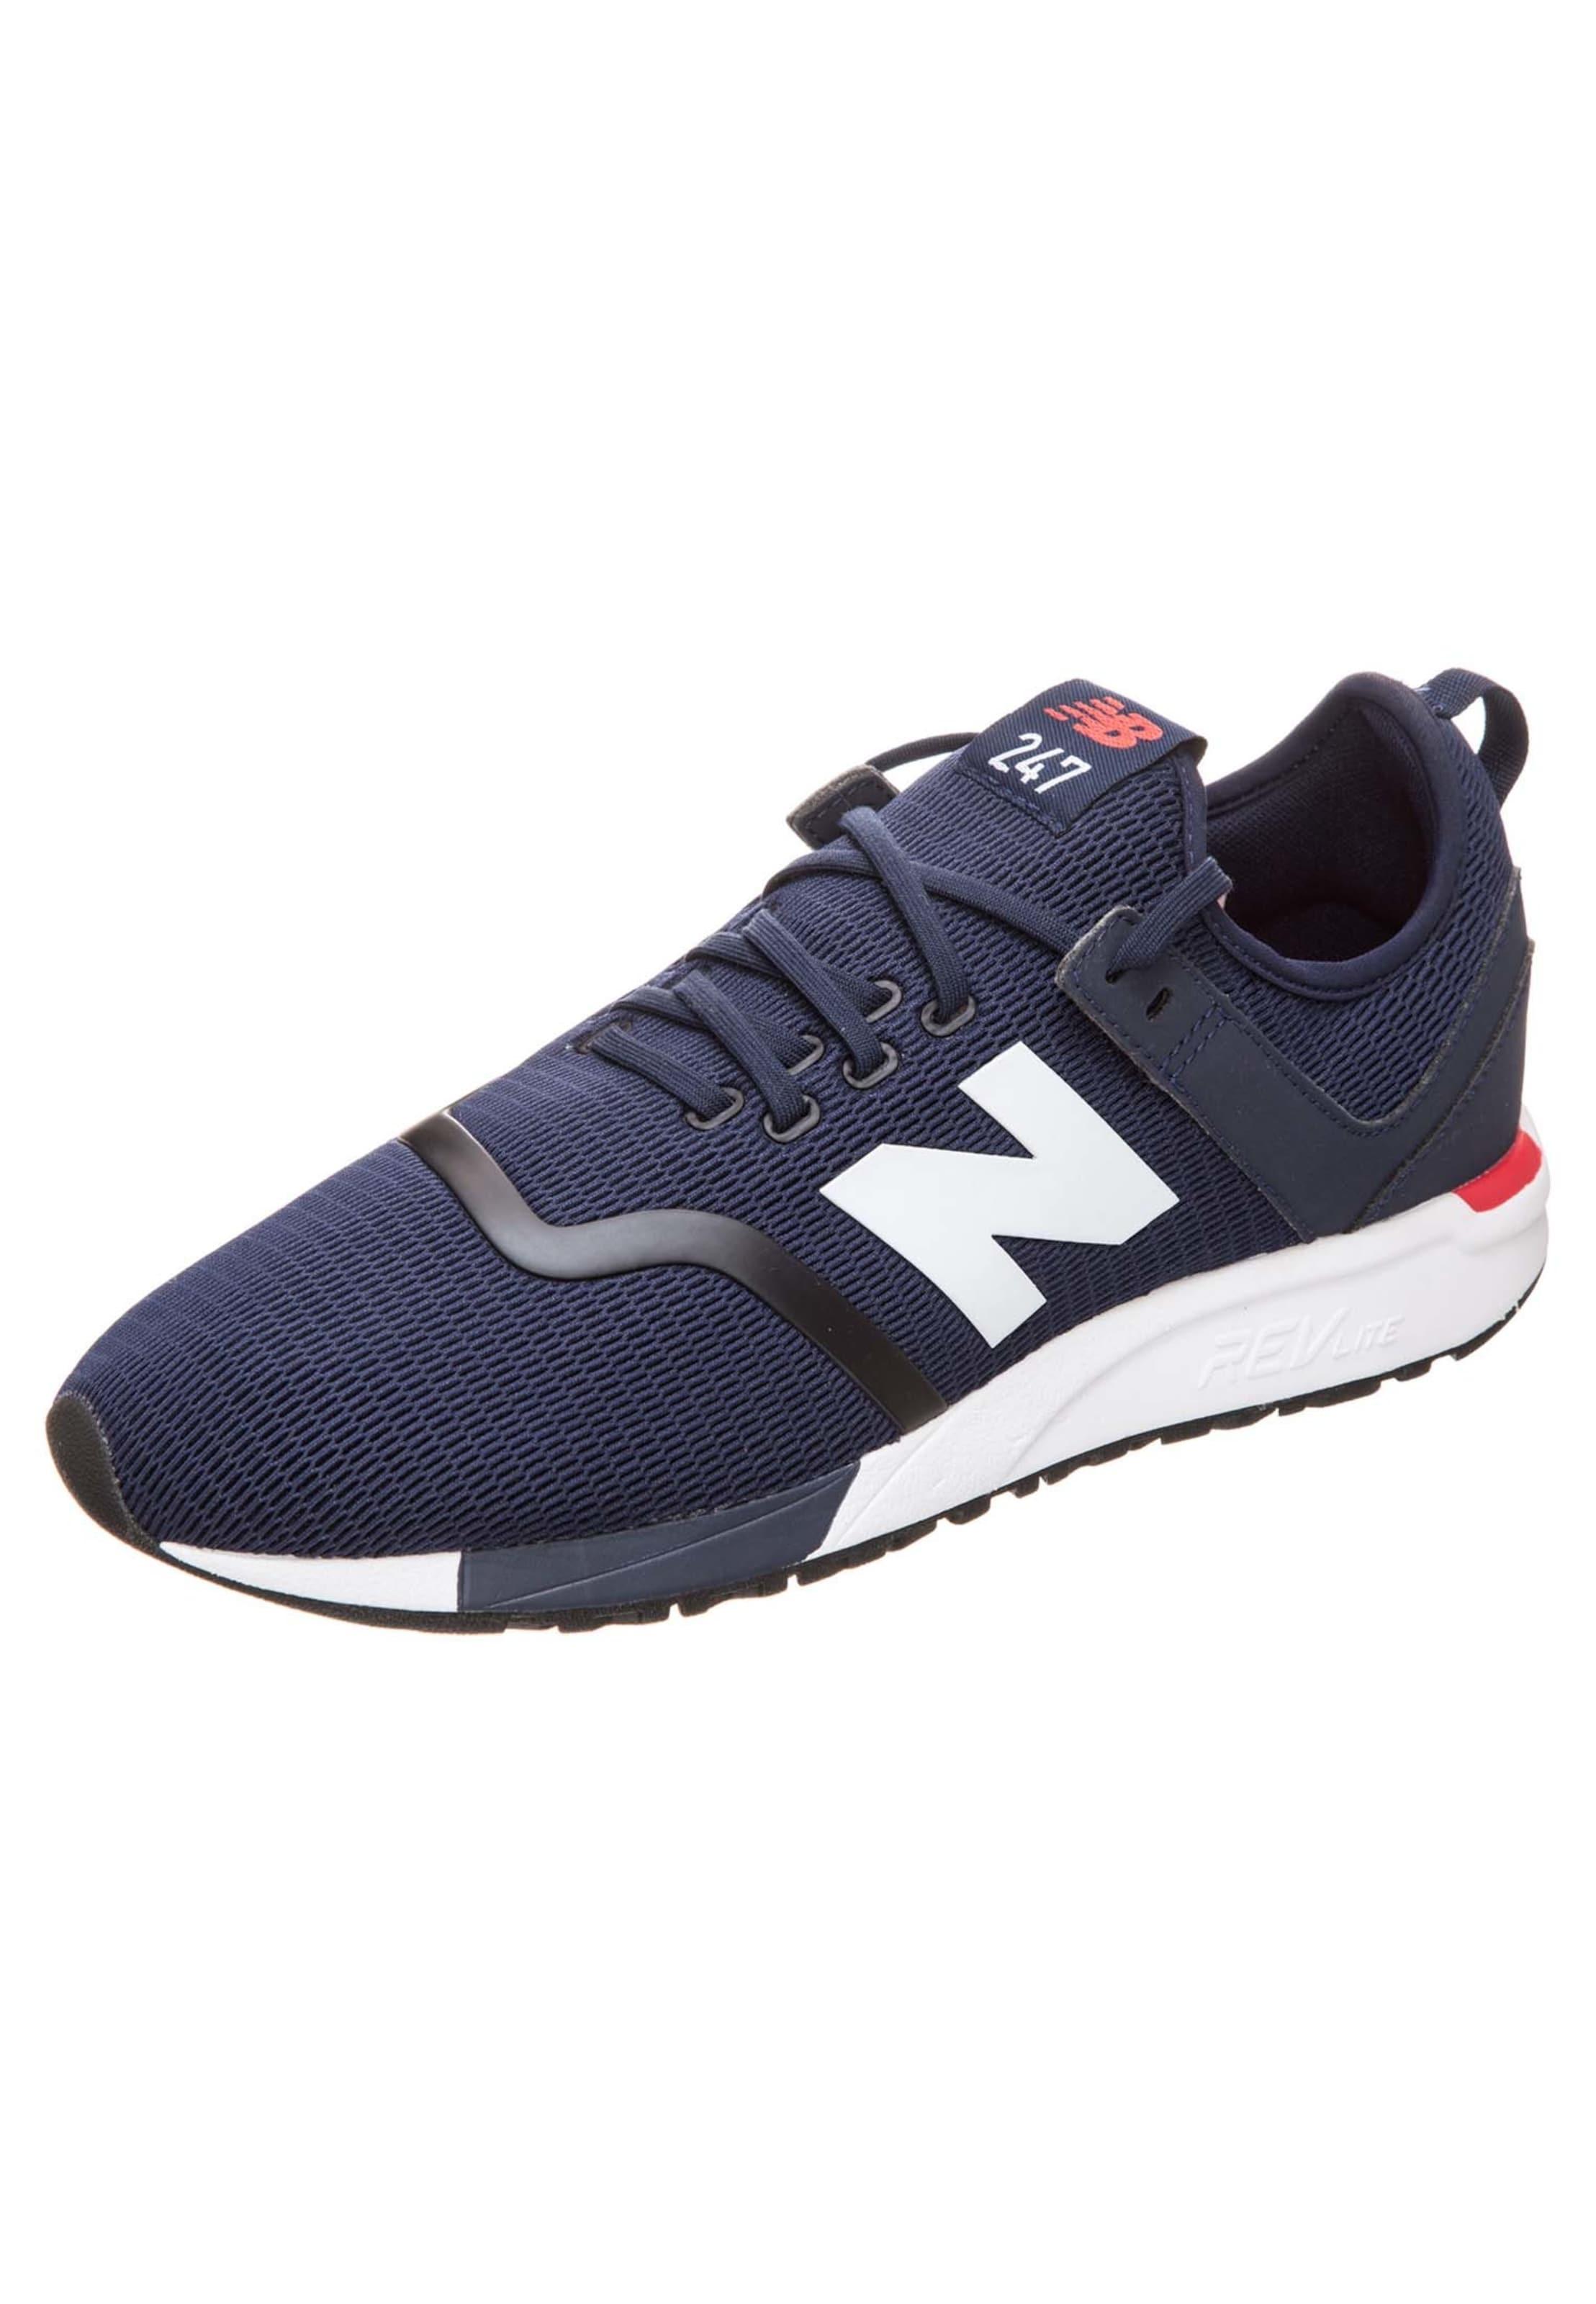 new balance Sneaker MRL247 Verschleißfeste billige Schuhe Schuhe Schuhe b833f8